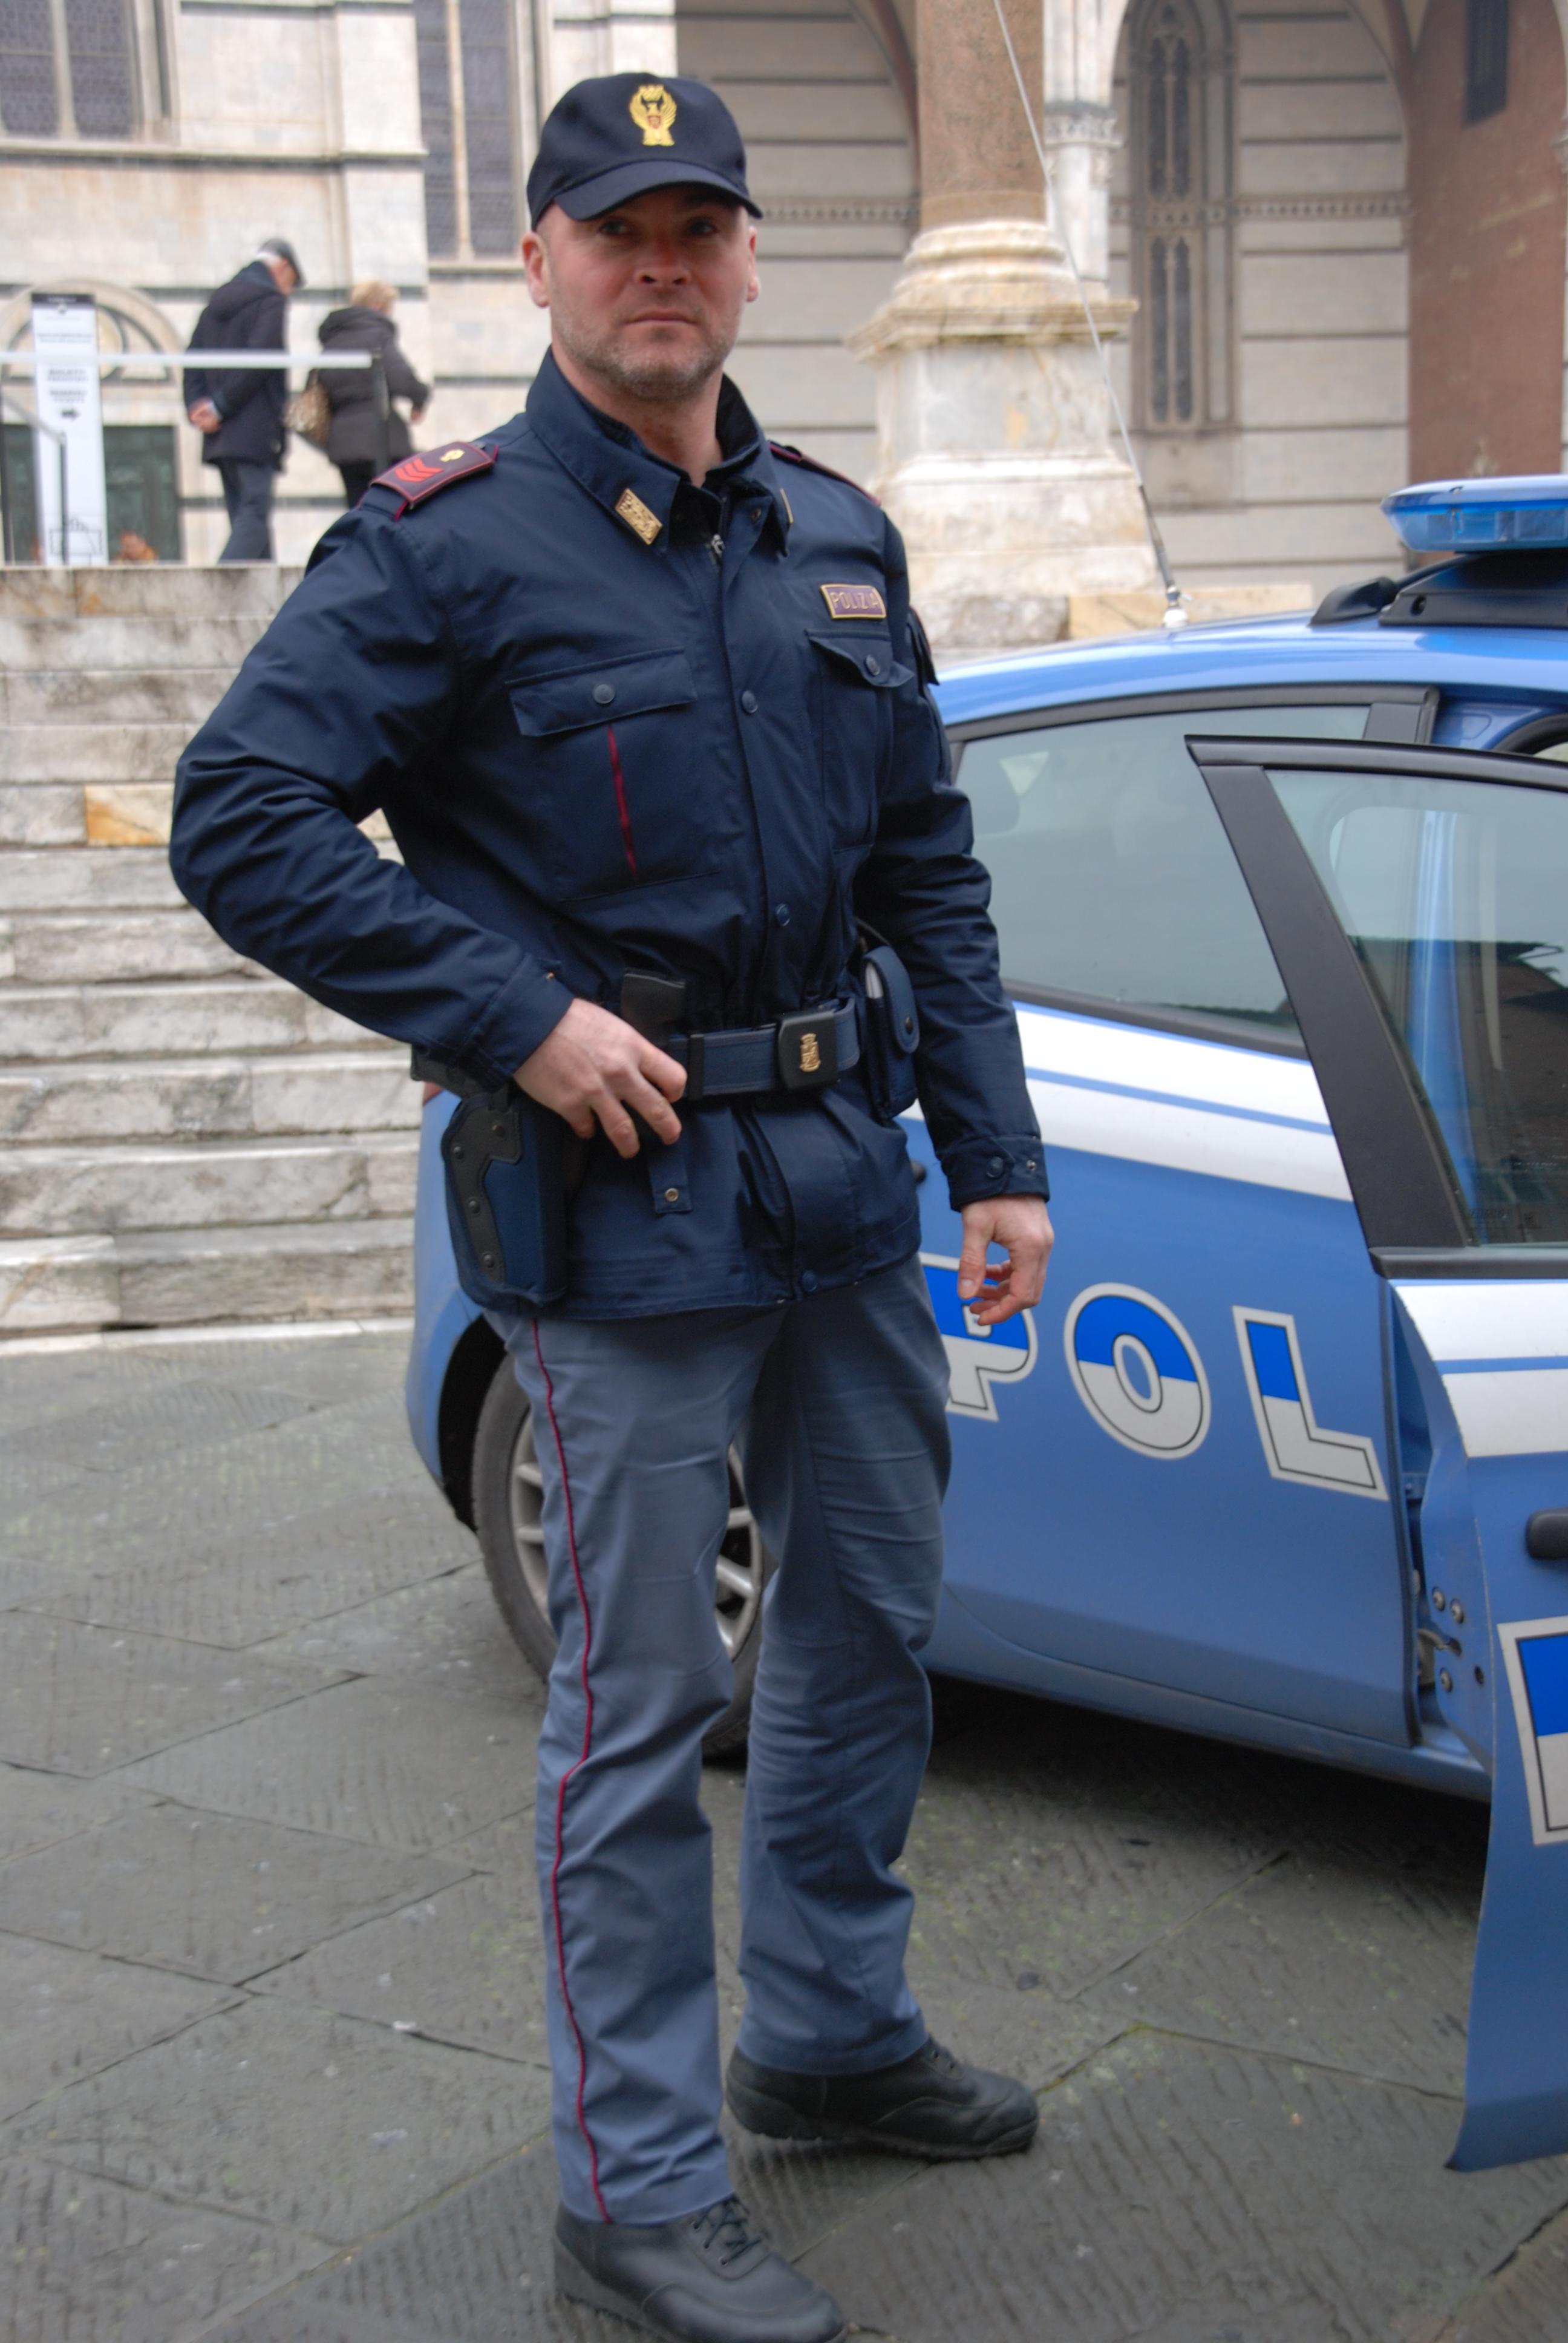 Ufficio di polizia 28 images polizia di stato questure for Questure poliziadistato it stranieri